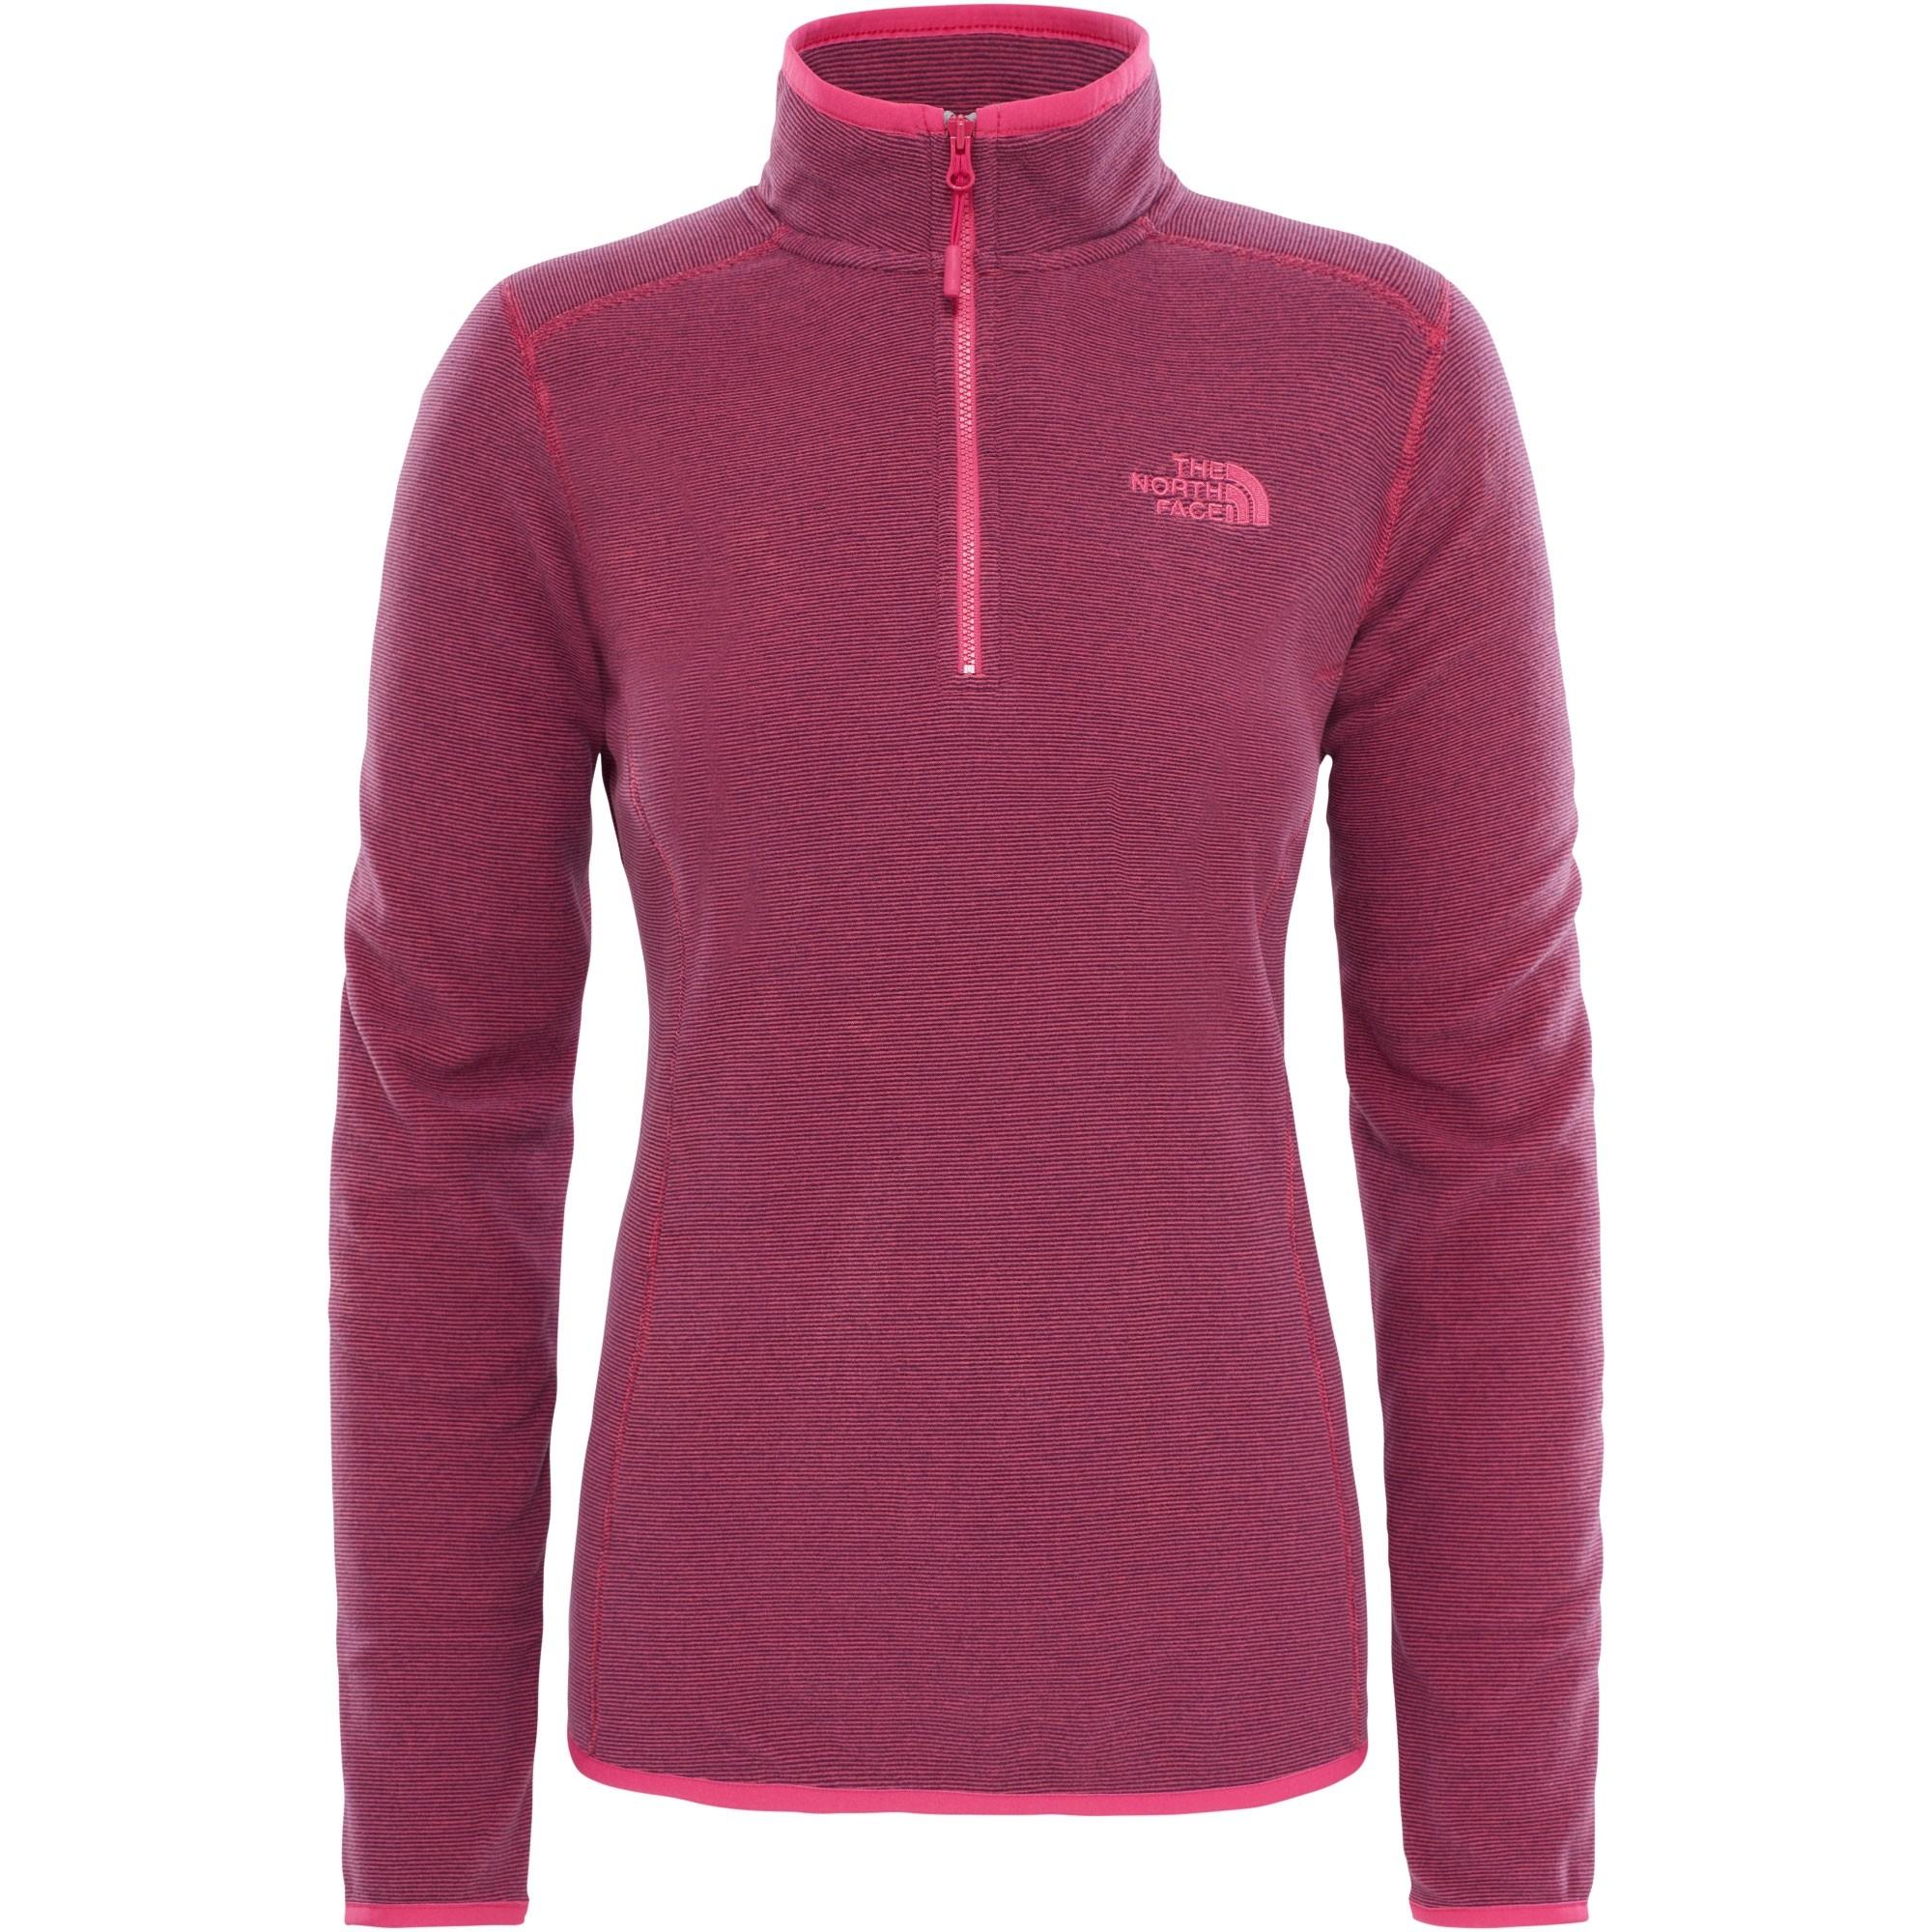 The-North-Face-Womens-100-Glacier-1-4-Zip-Petticoat-Pink-Stripe